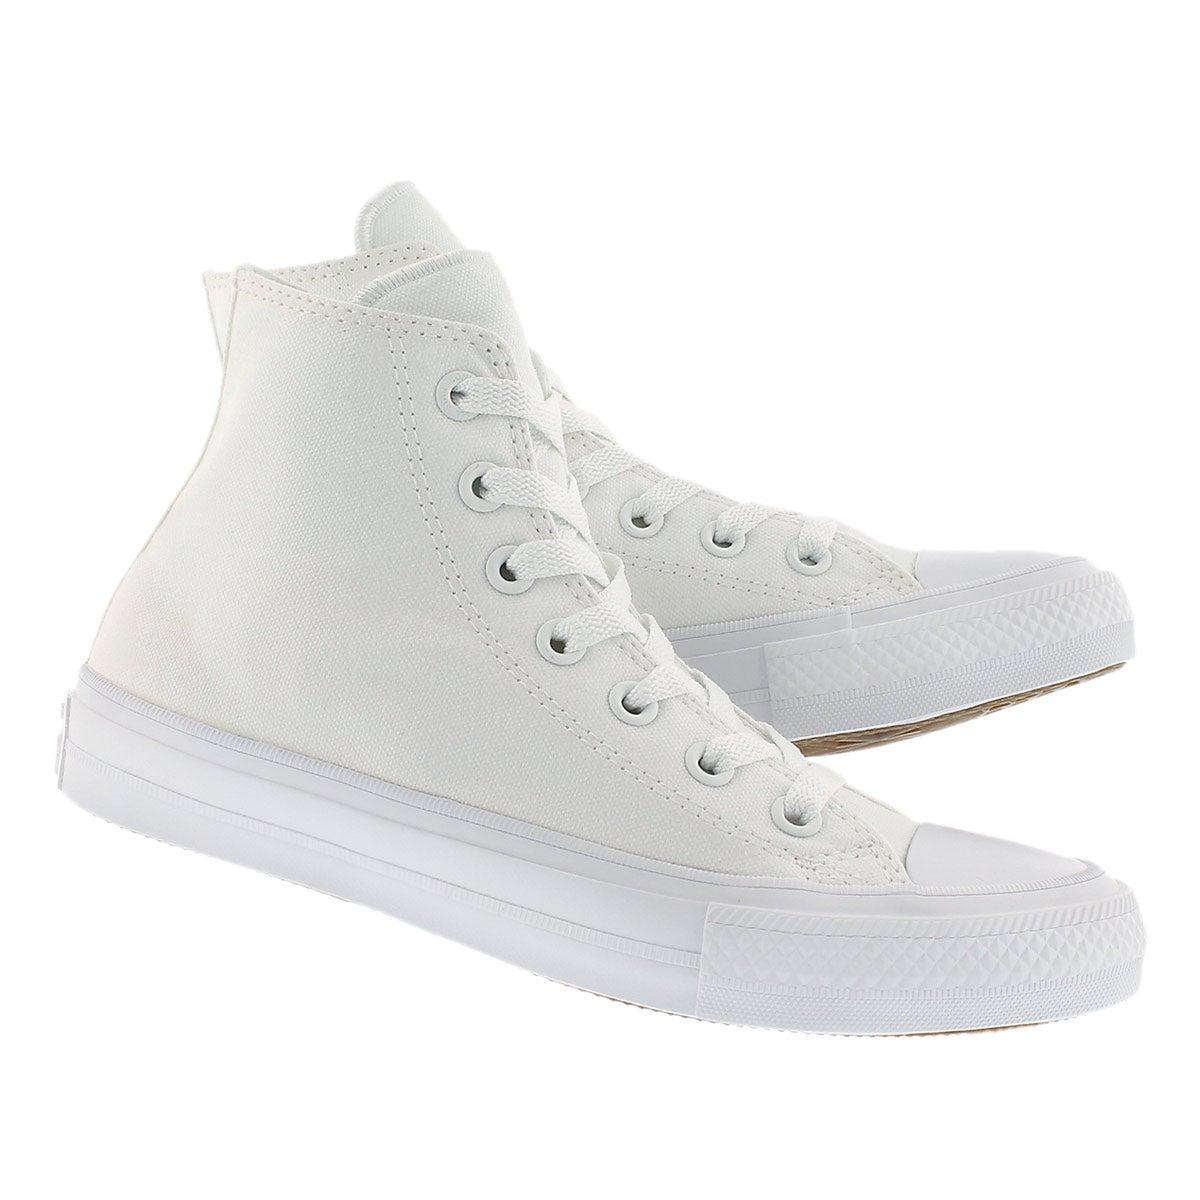 Lds Chuck II Viz Flow white hi top